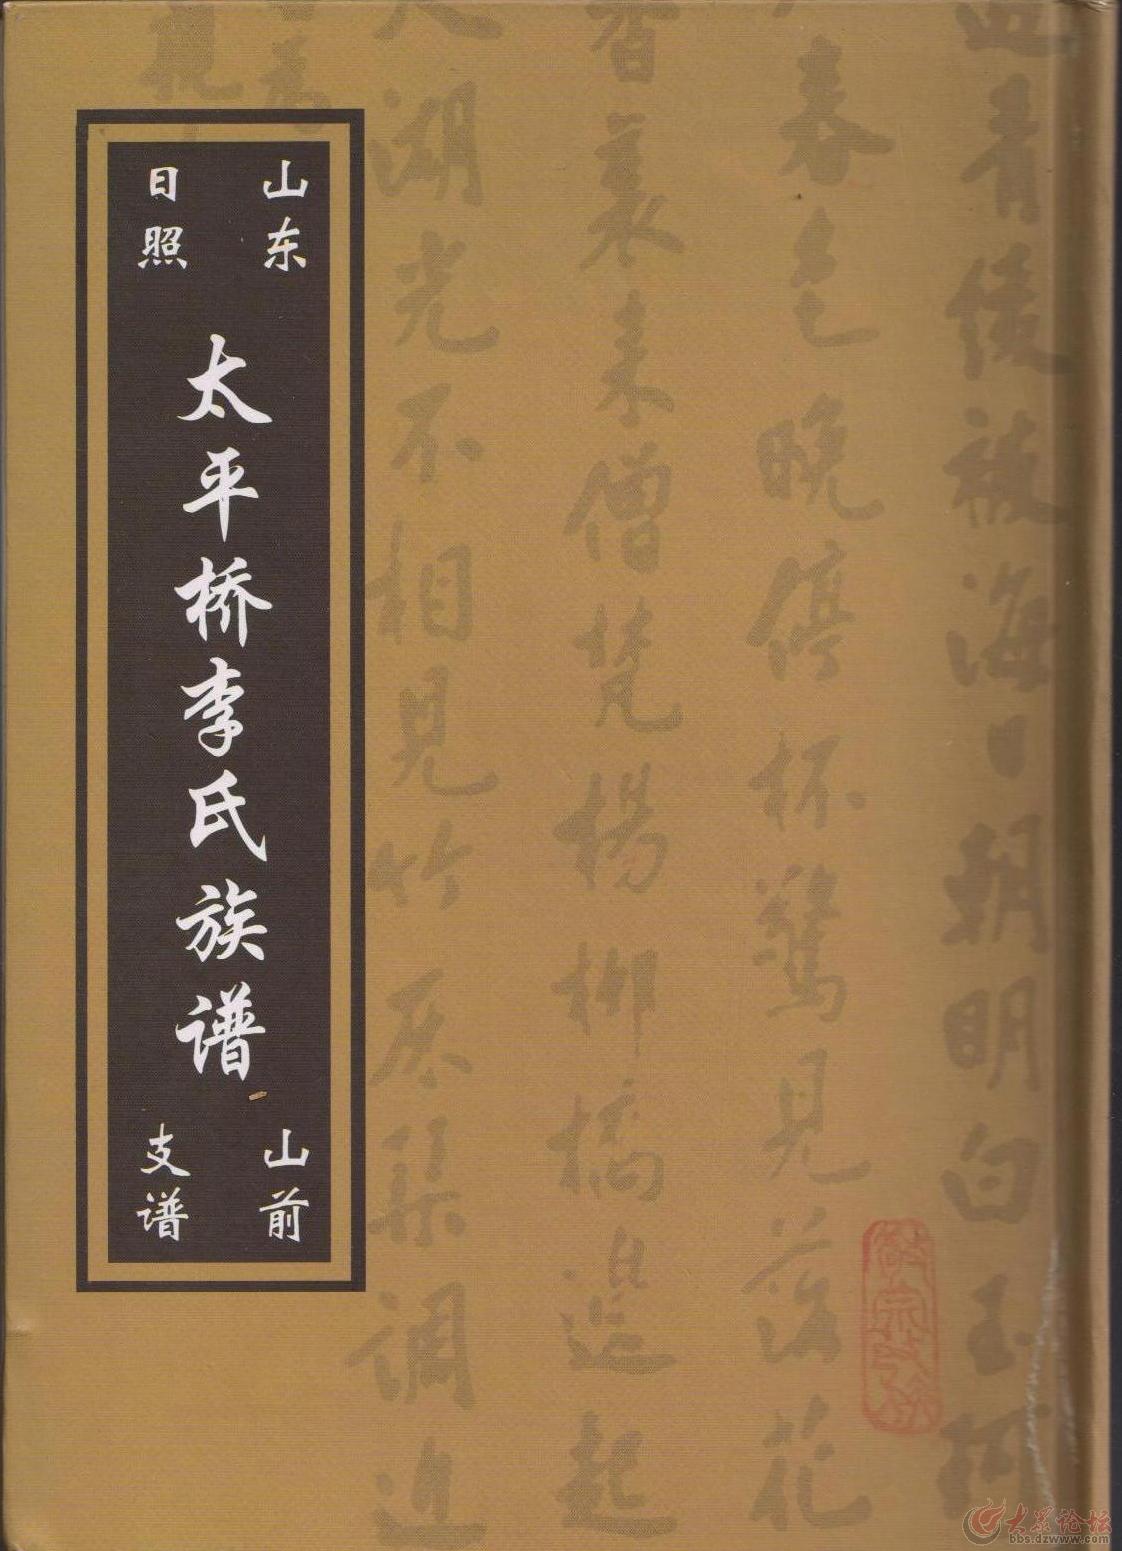 藏族民歌沙拉西曲谱-日照太平桥李氏族谱各支谱,西牟 下载附件   下载附件